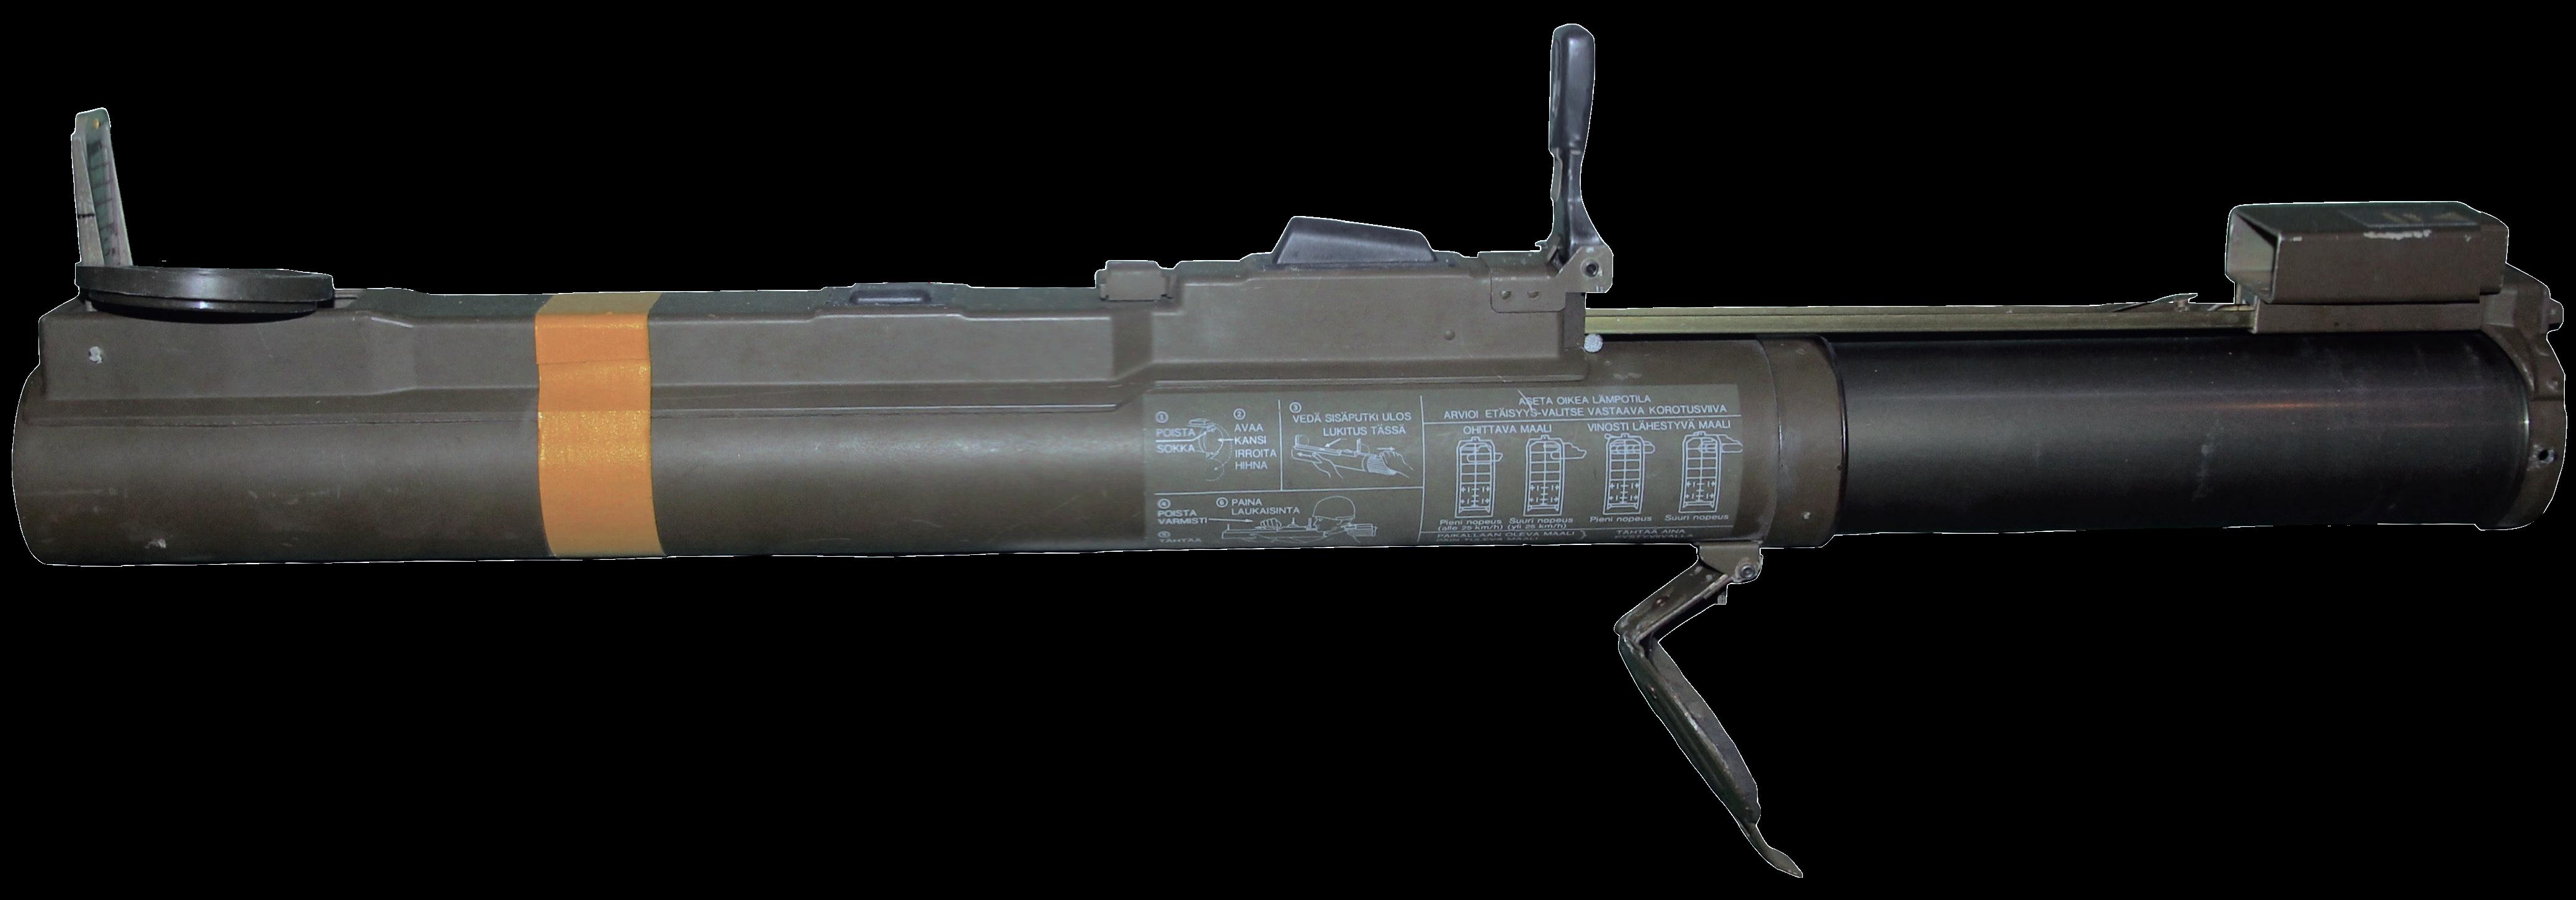 M72 LAW - Wikipedia